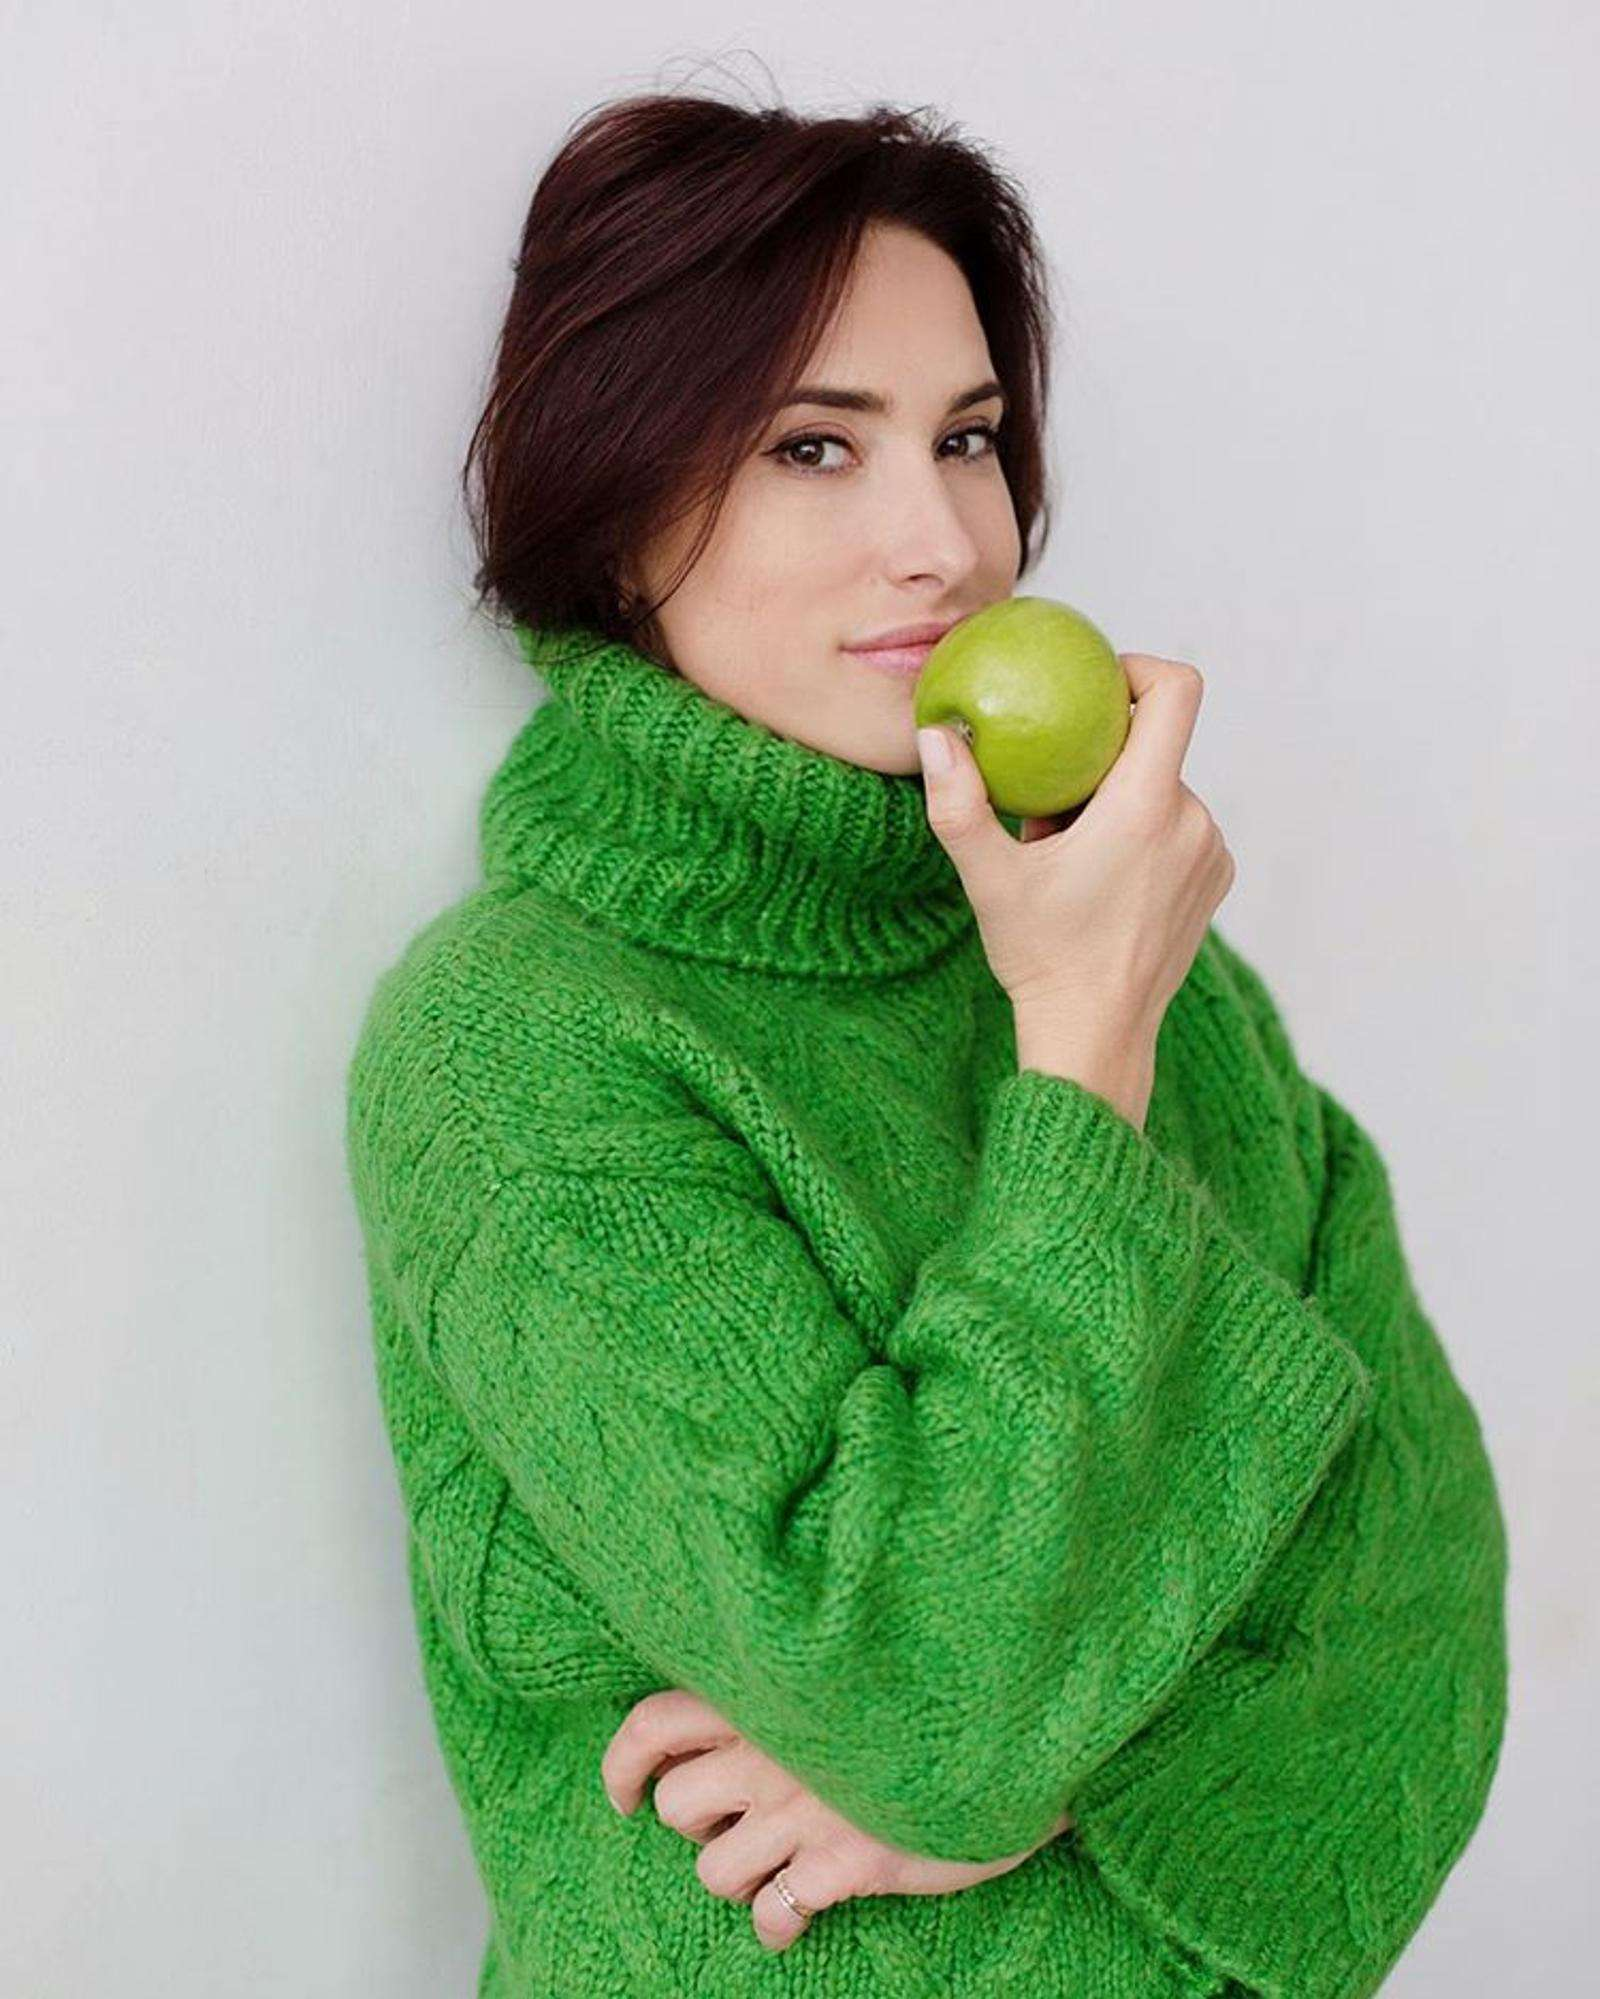 Альтернатива майонезу: шесть заправок для салатов от Марии Кравцовой